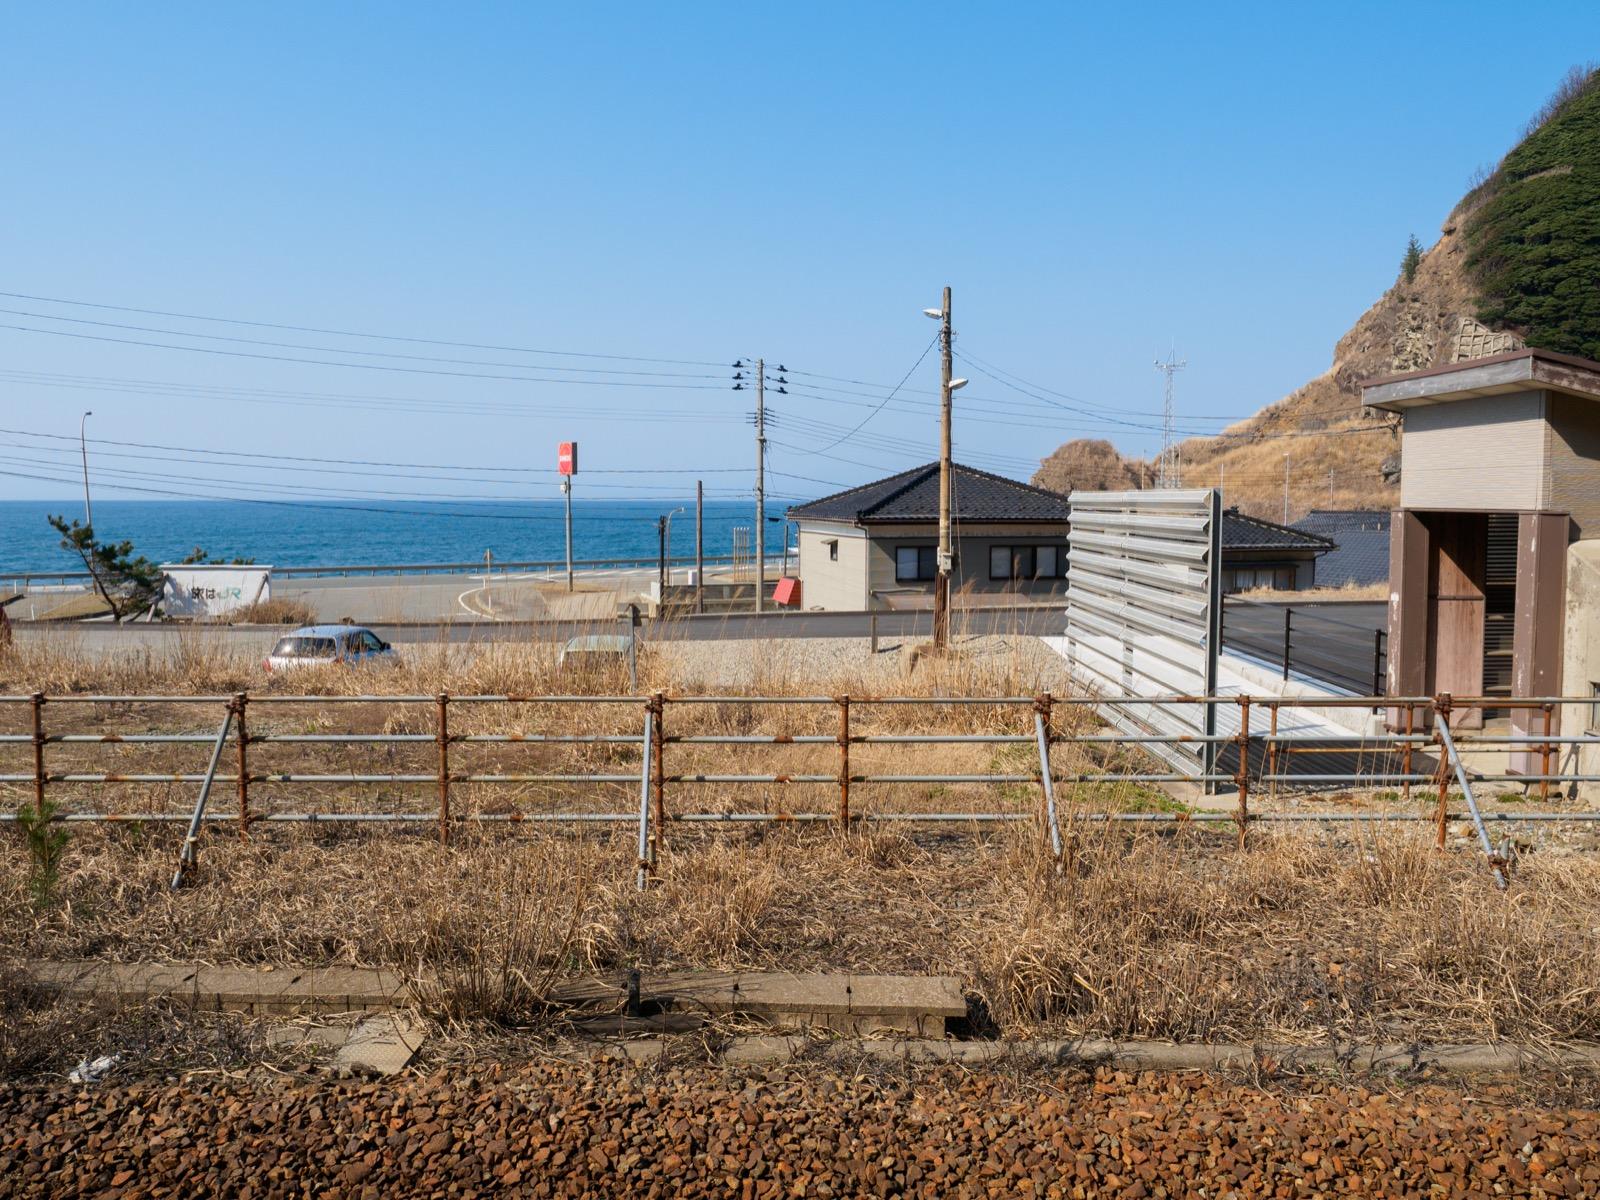 五十川駅のホームから見た駅前と日本海